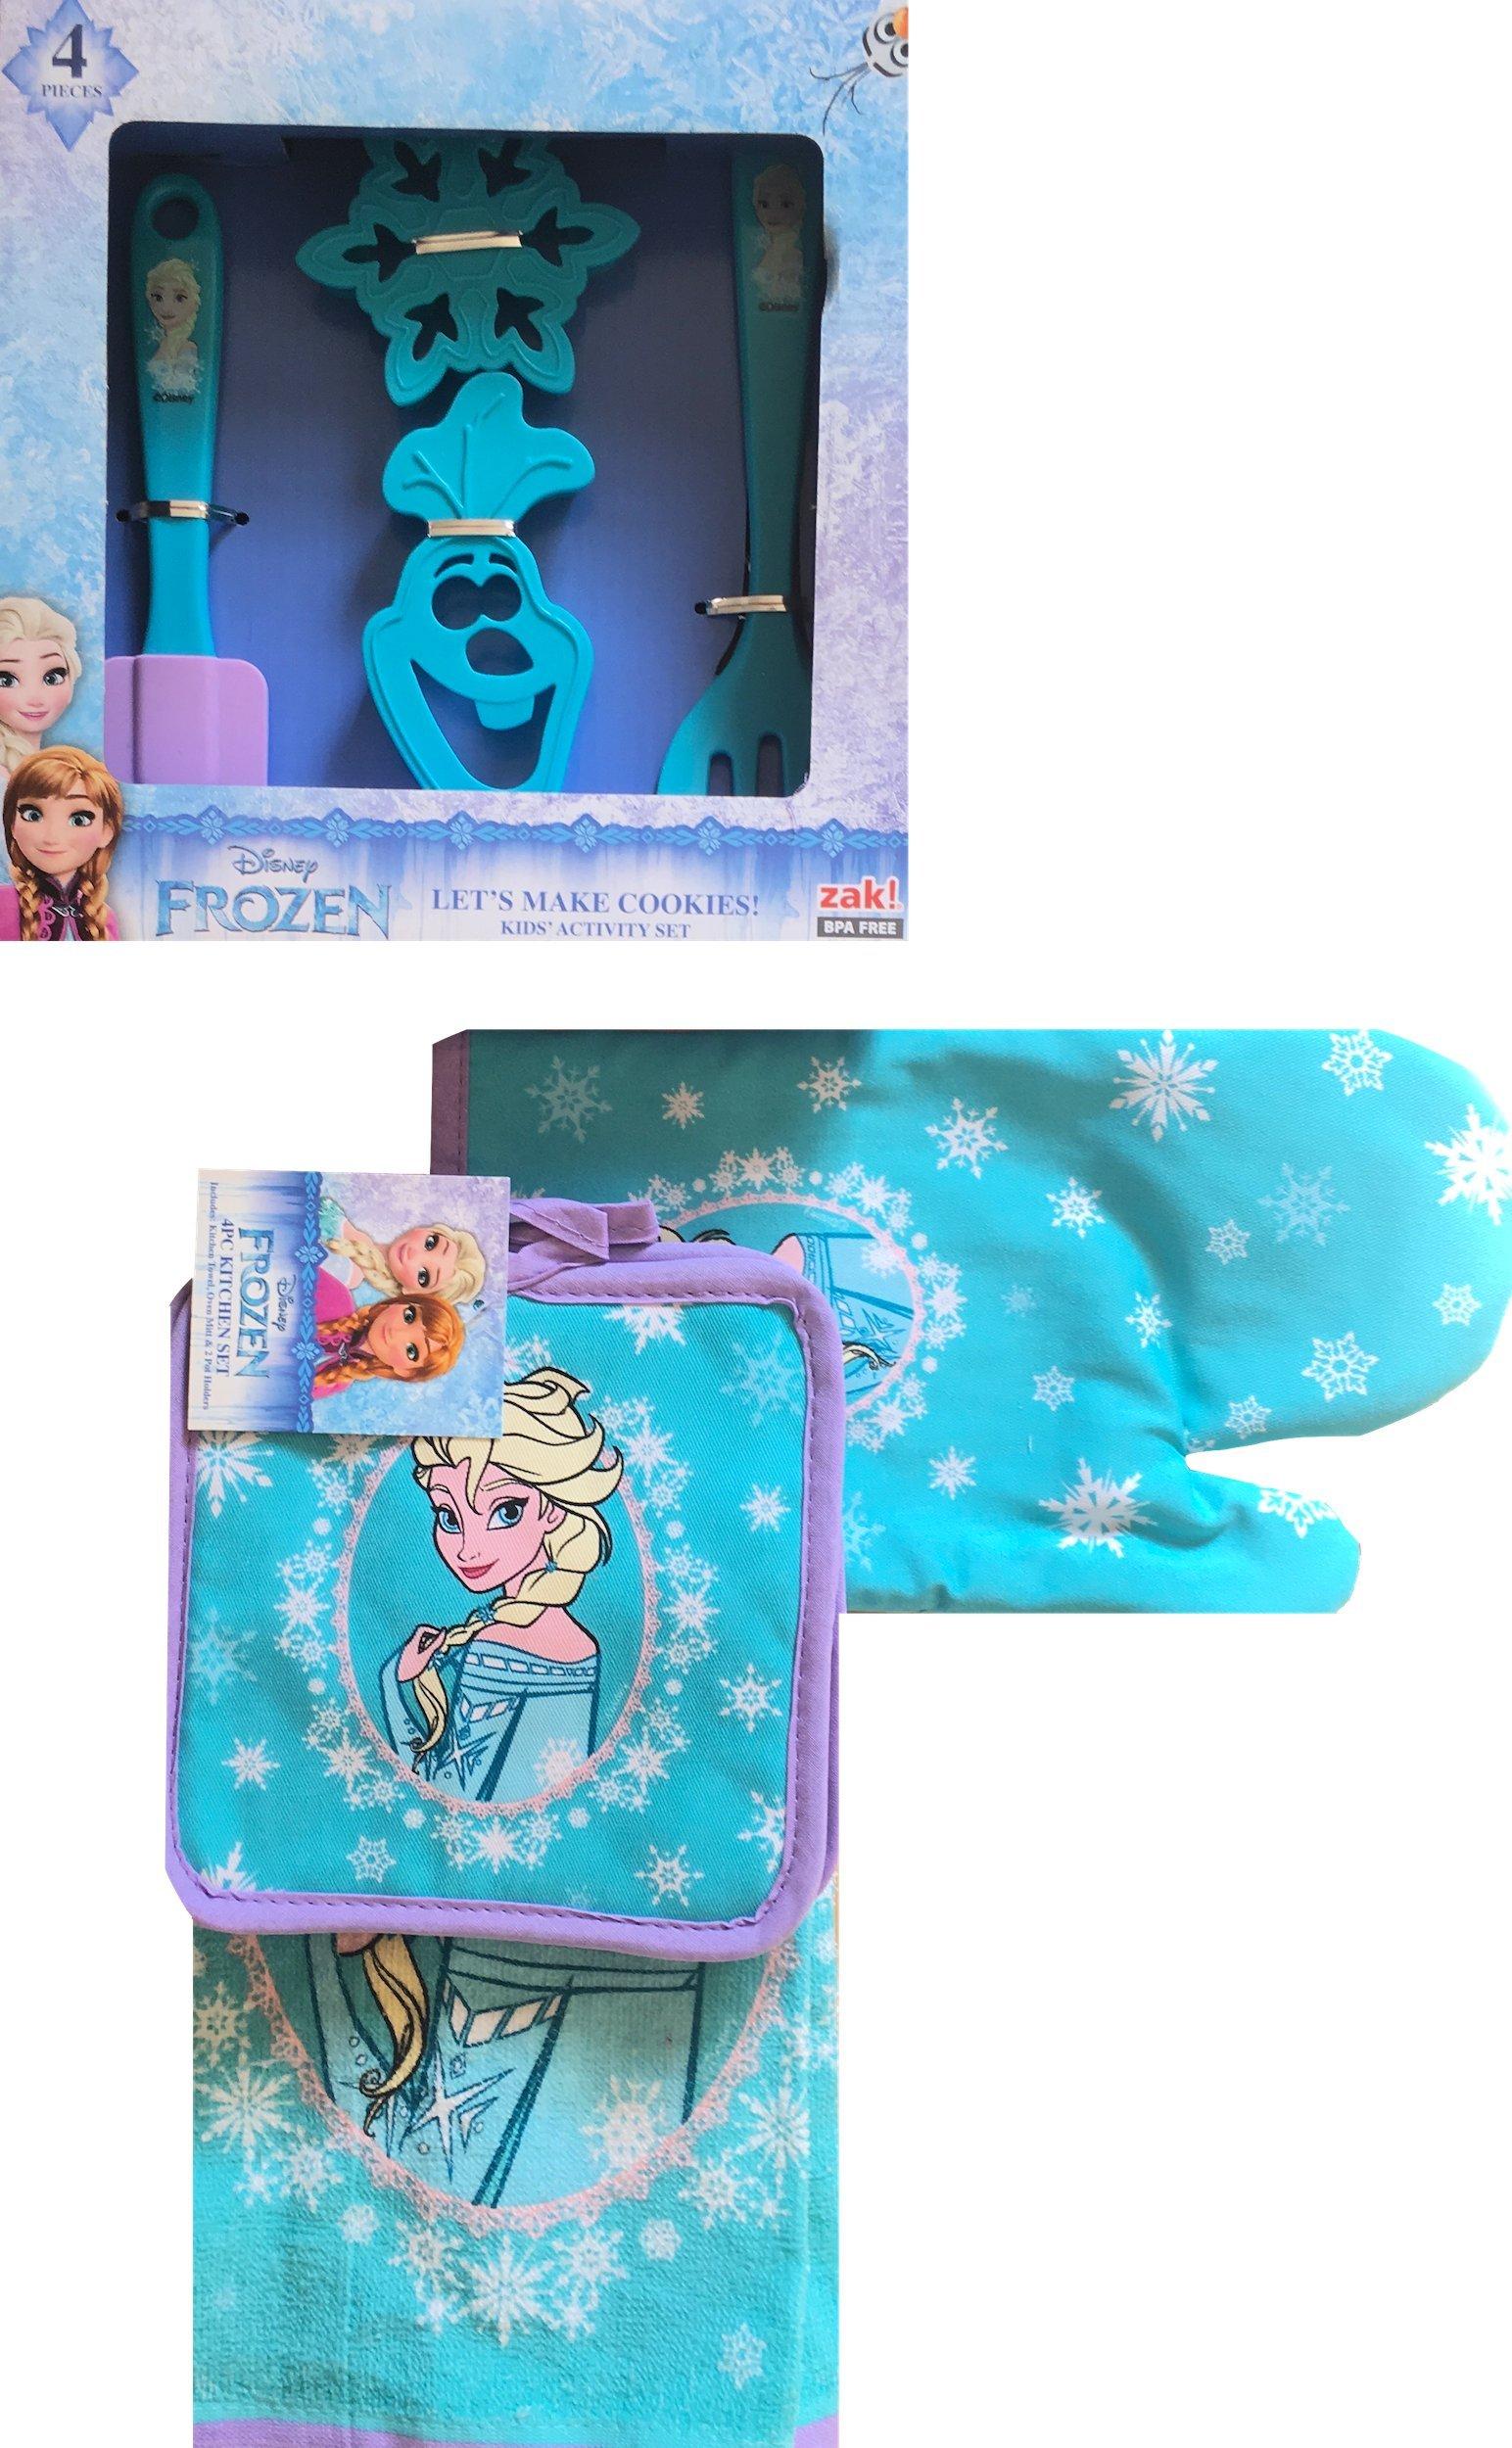 Official Disney Frozen ''Lets Make Cookies'' Kids Activity Set (4 Pc Kitchen Set) by Disney Frozen (Image #1)